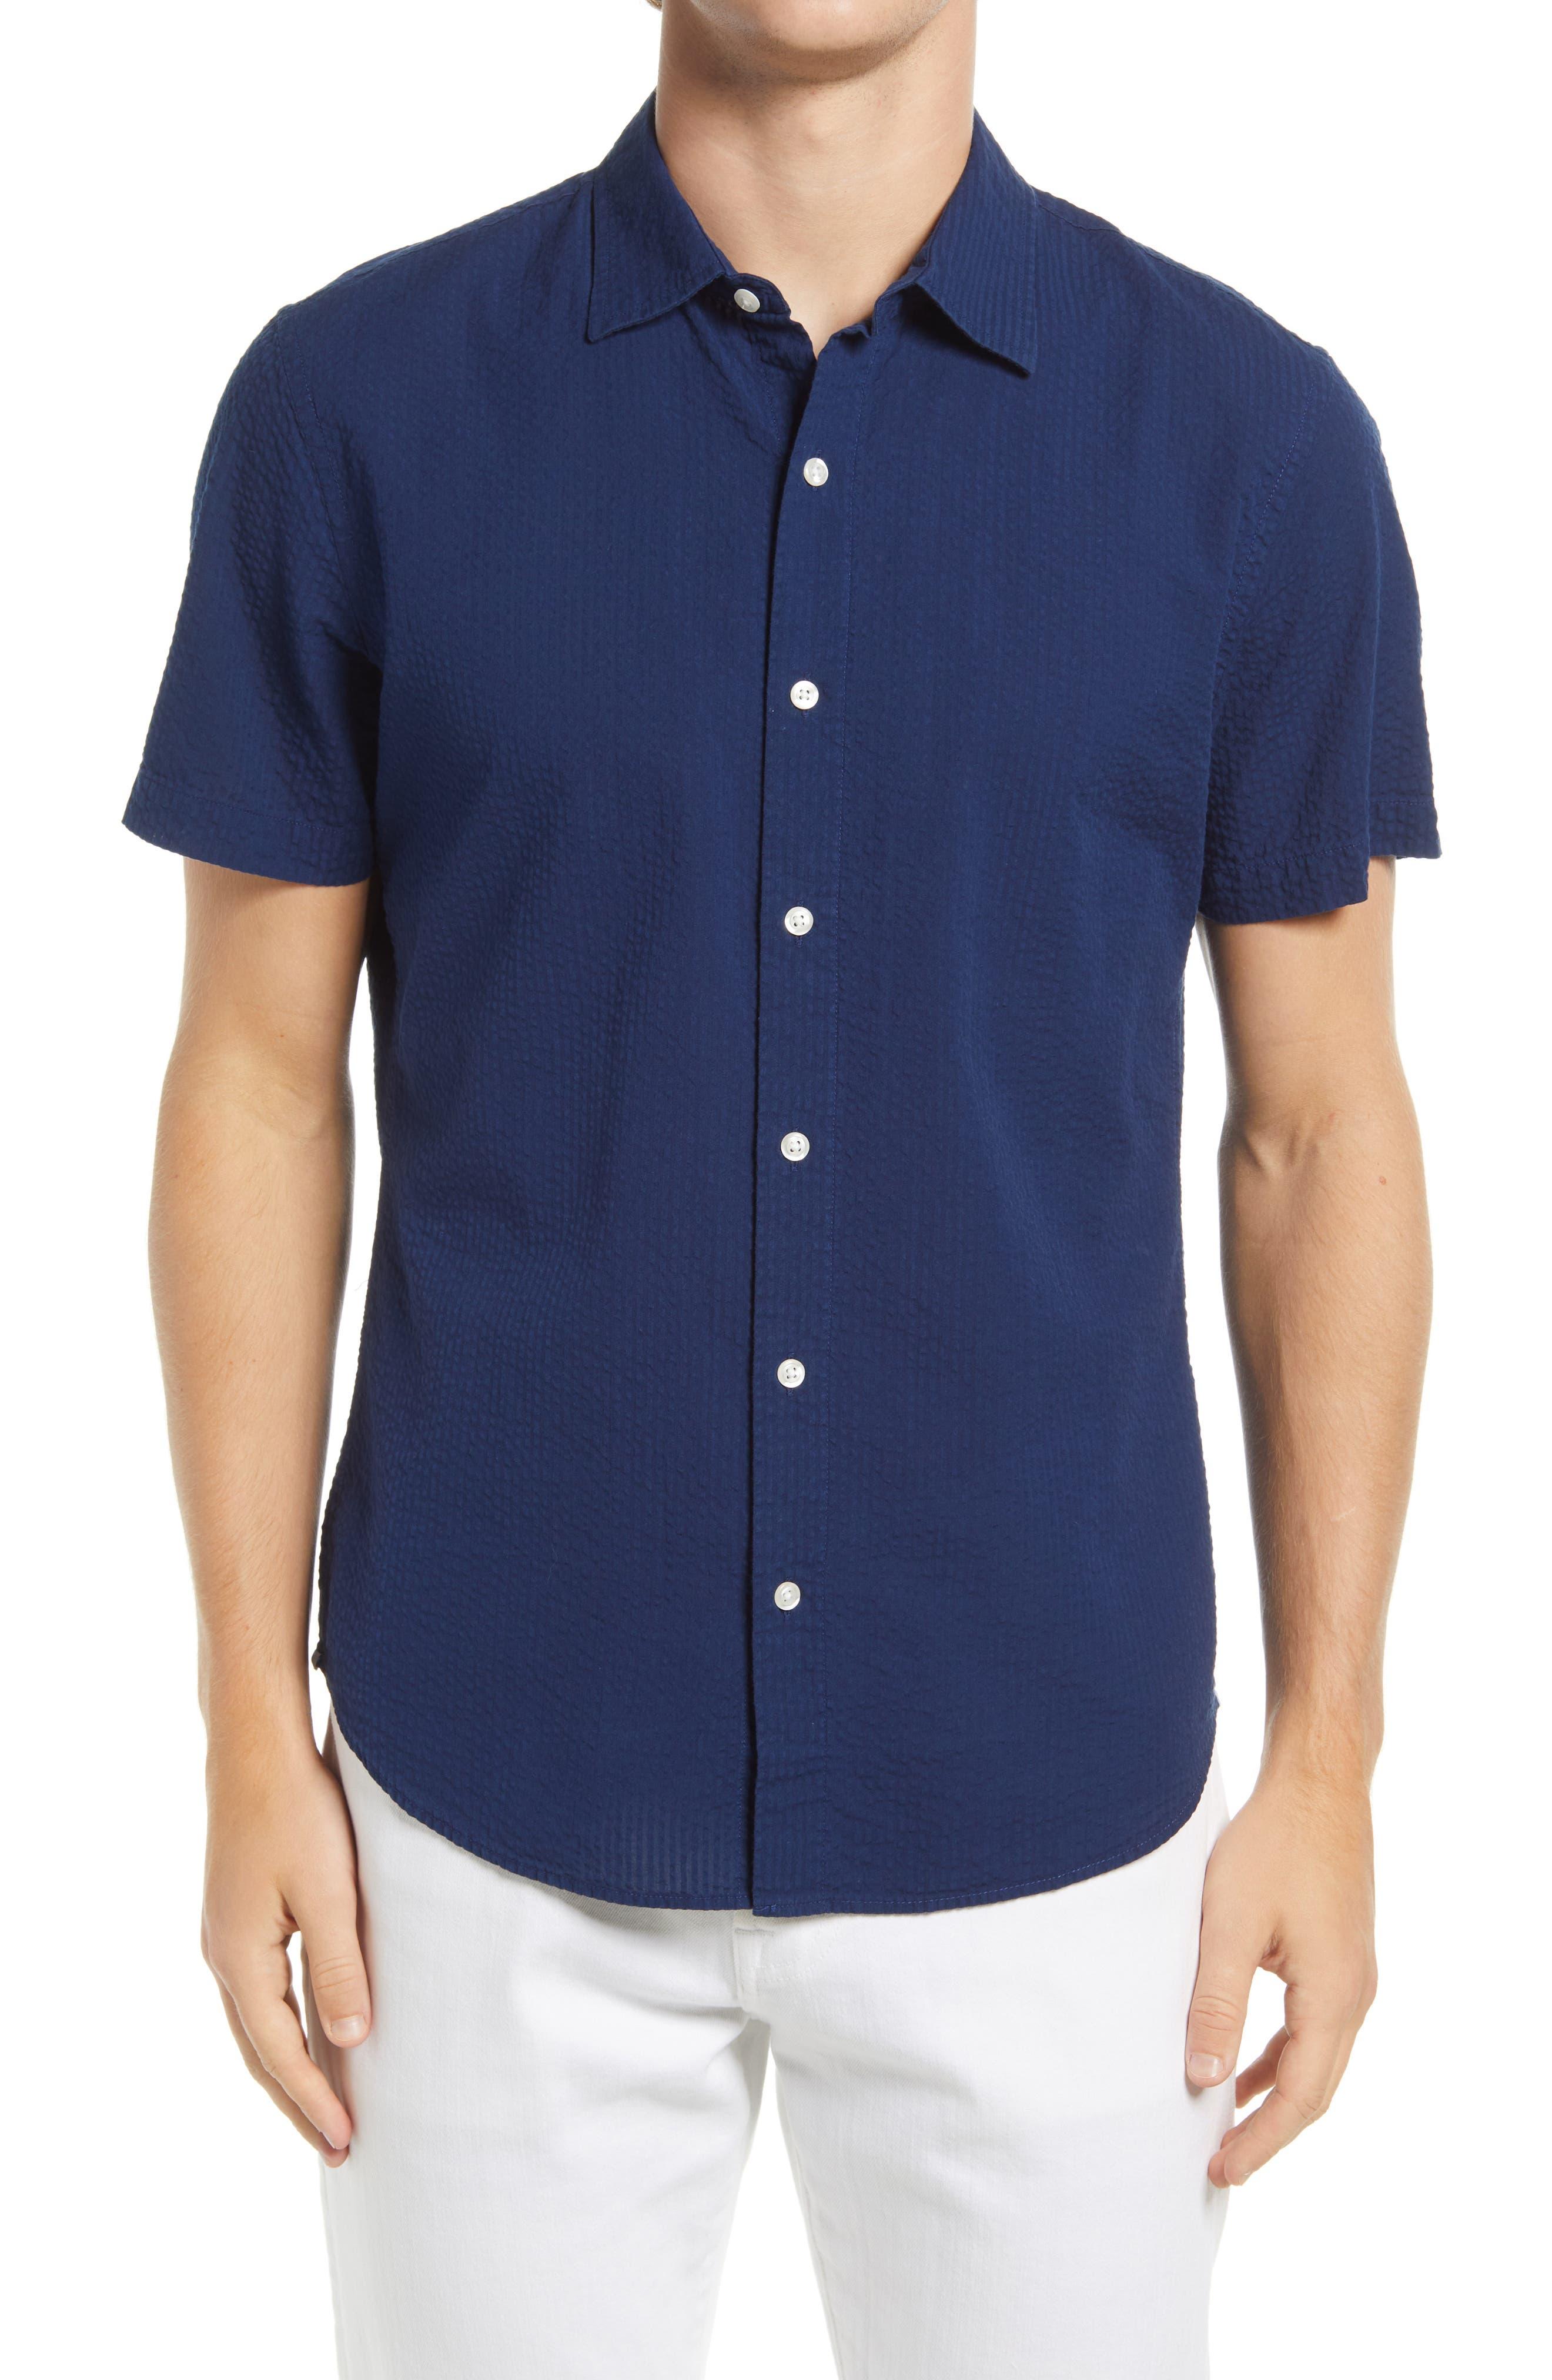 Riviera Slim Fit Short Sleeve Seersucker Button-Up Shirt